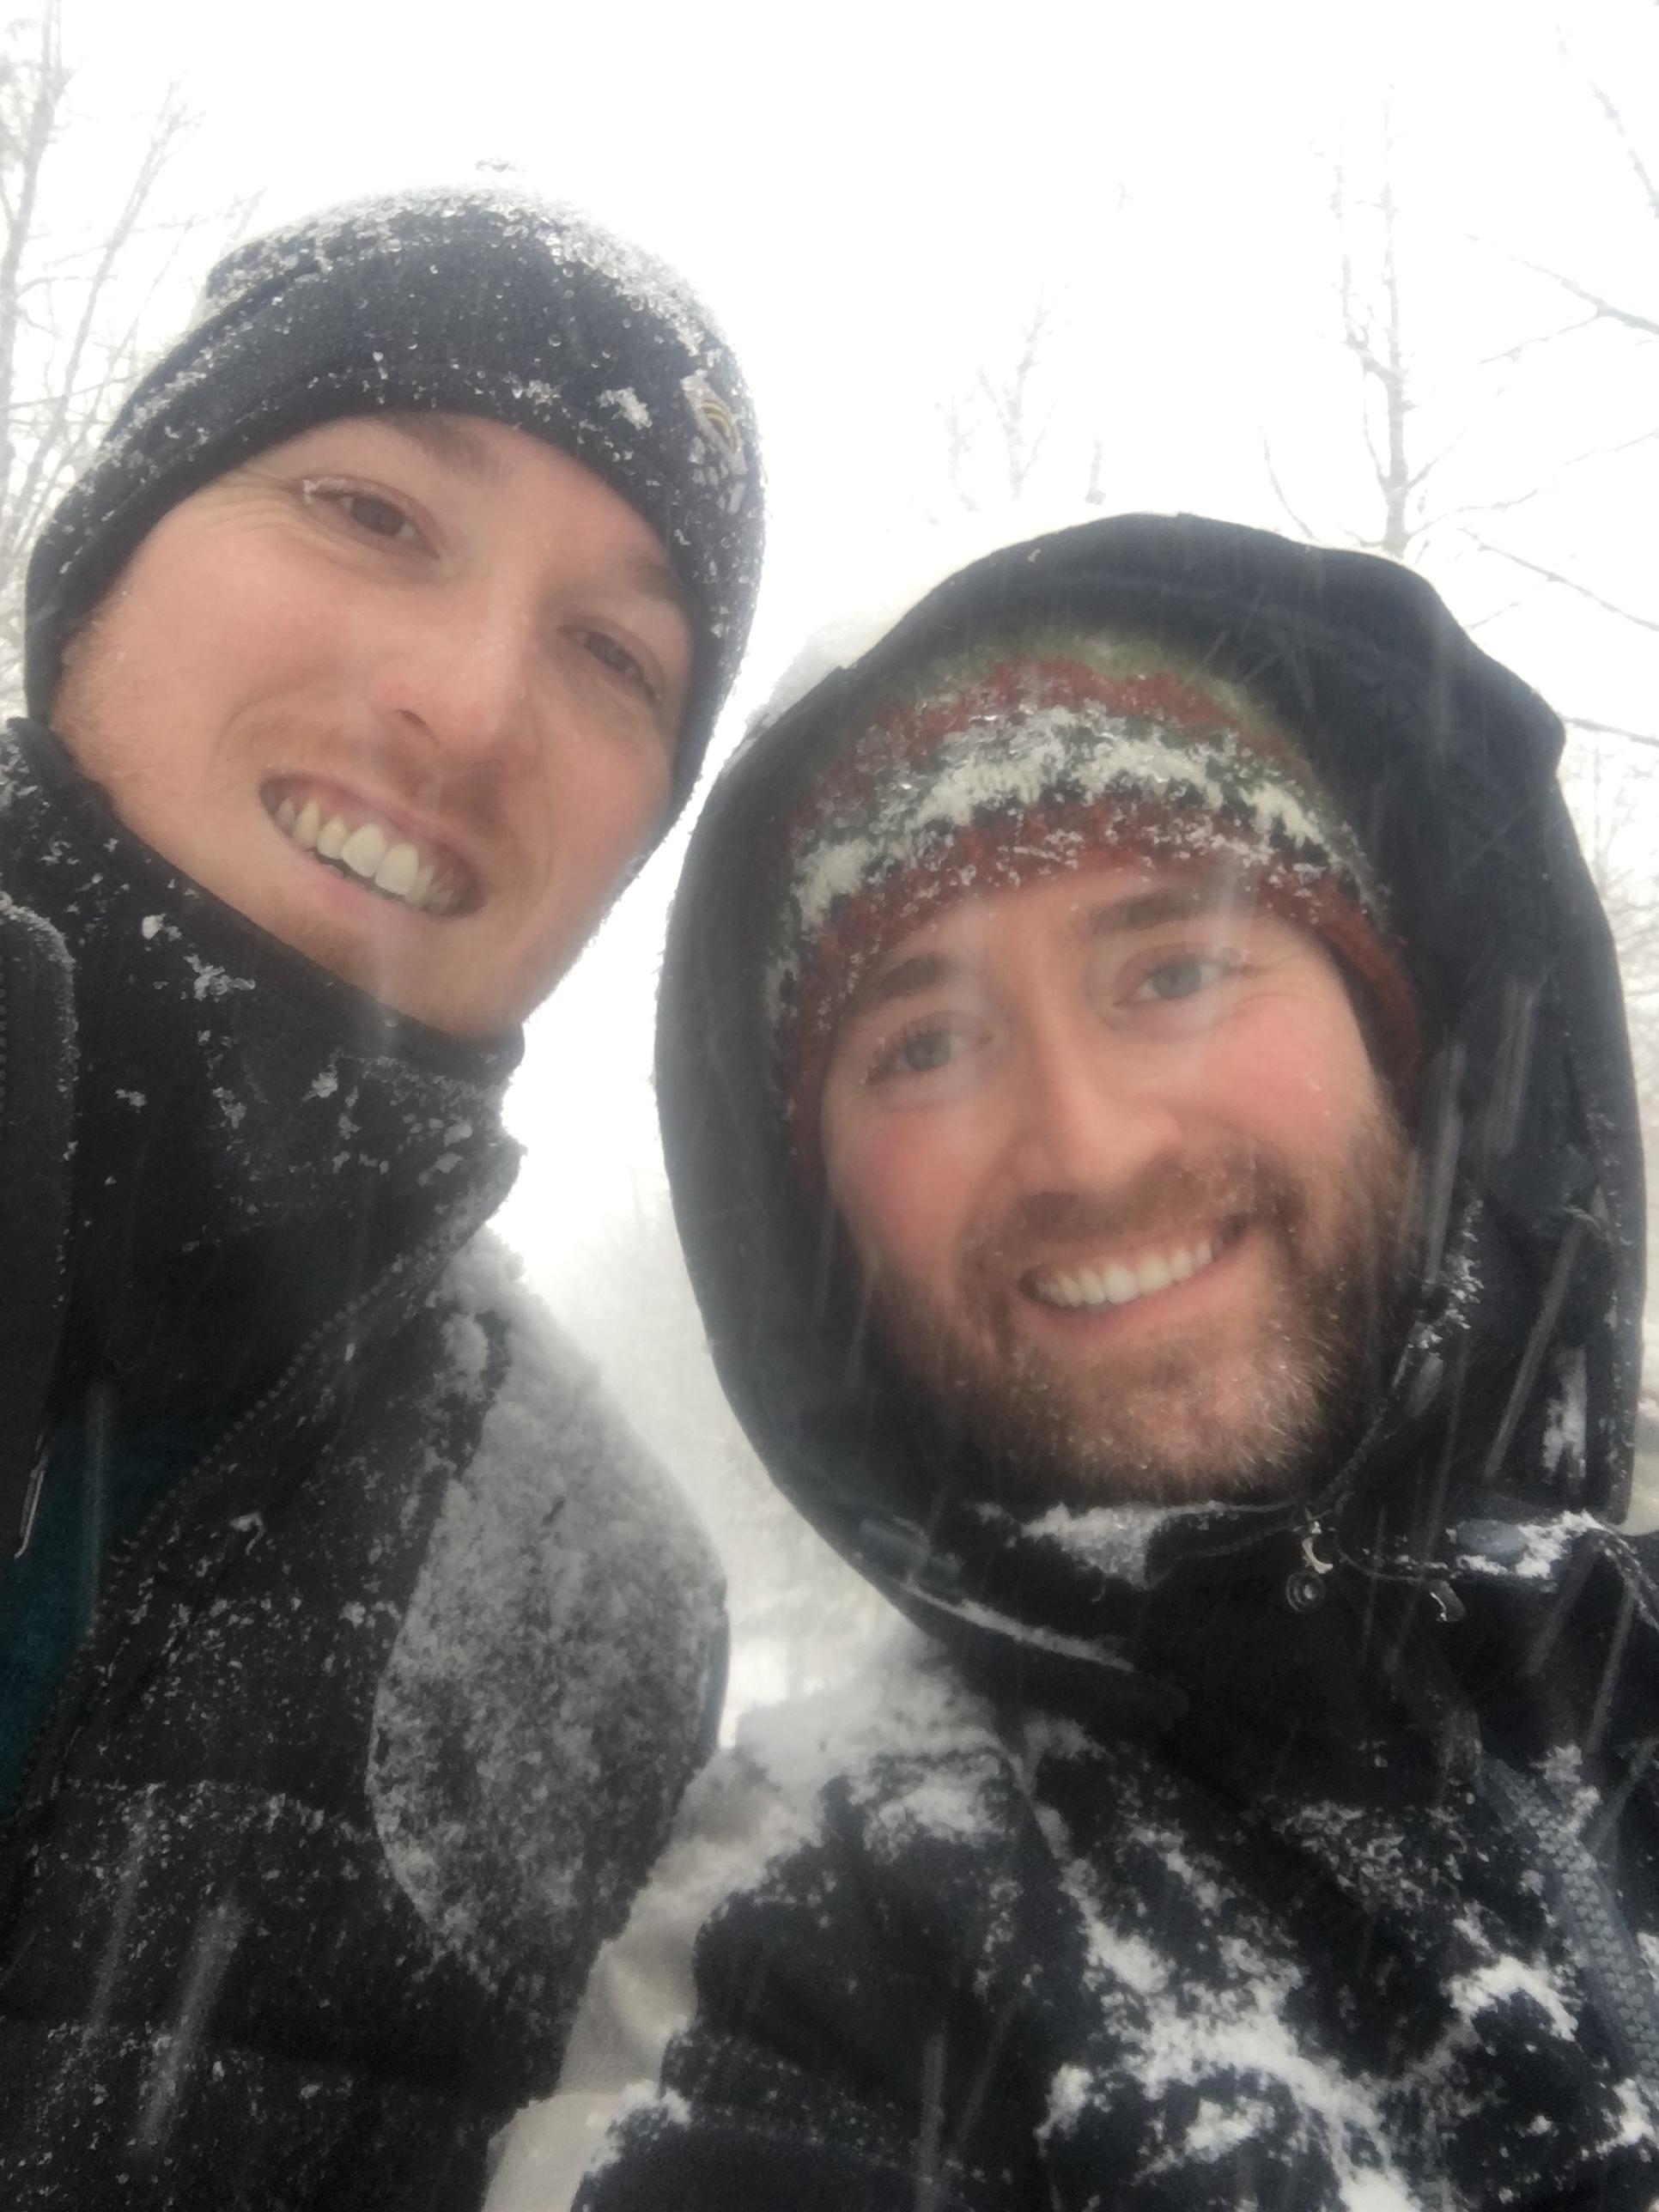 Blizzard, Lake Placid, NY